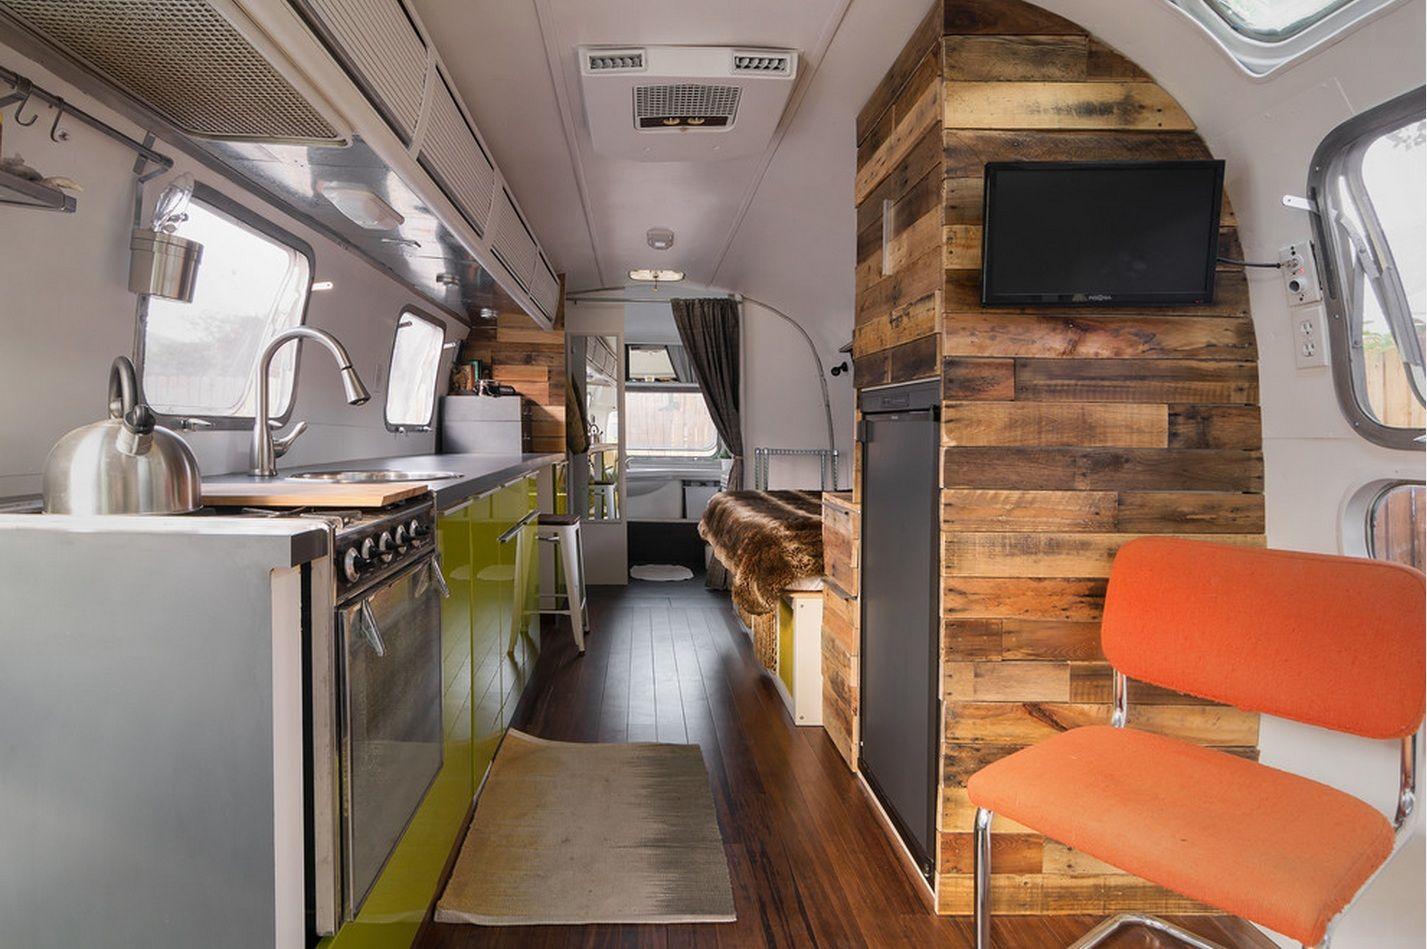 Interior of Refurbished Airstream Airstream Decor, Airstream Remodel,  Airstream Trailers, Airstream Bathroom,